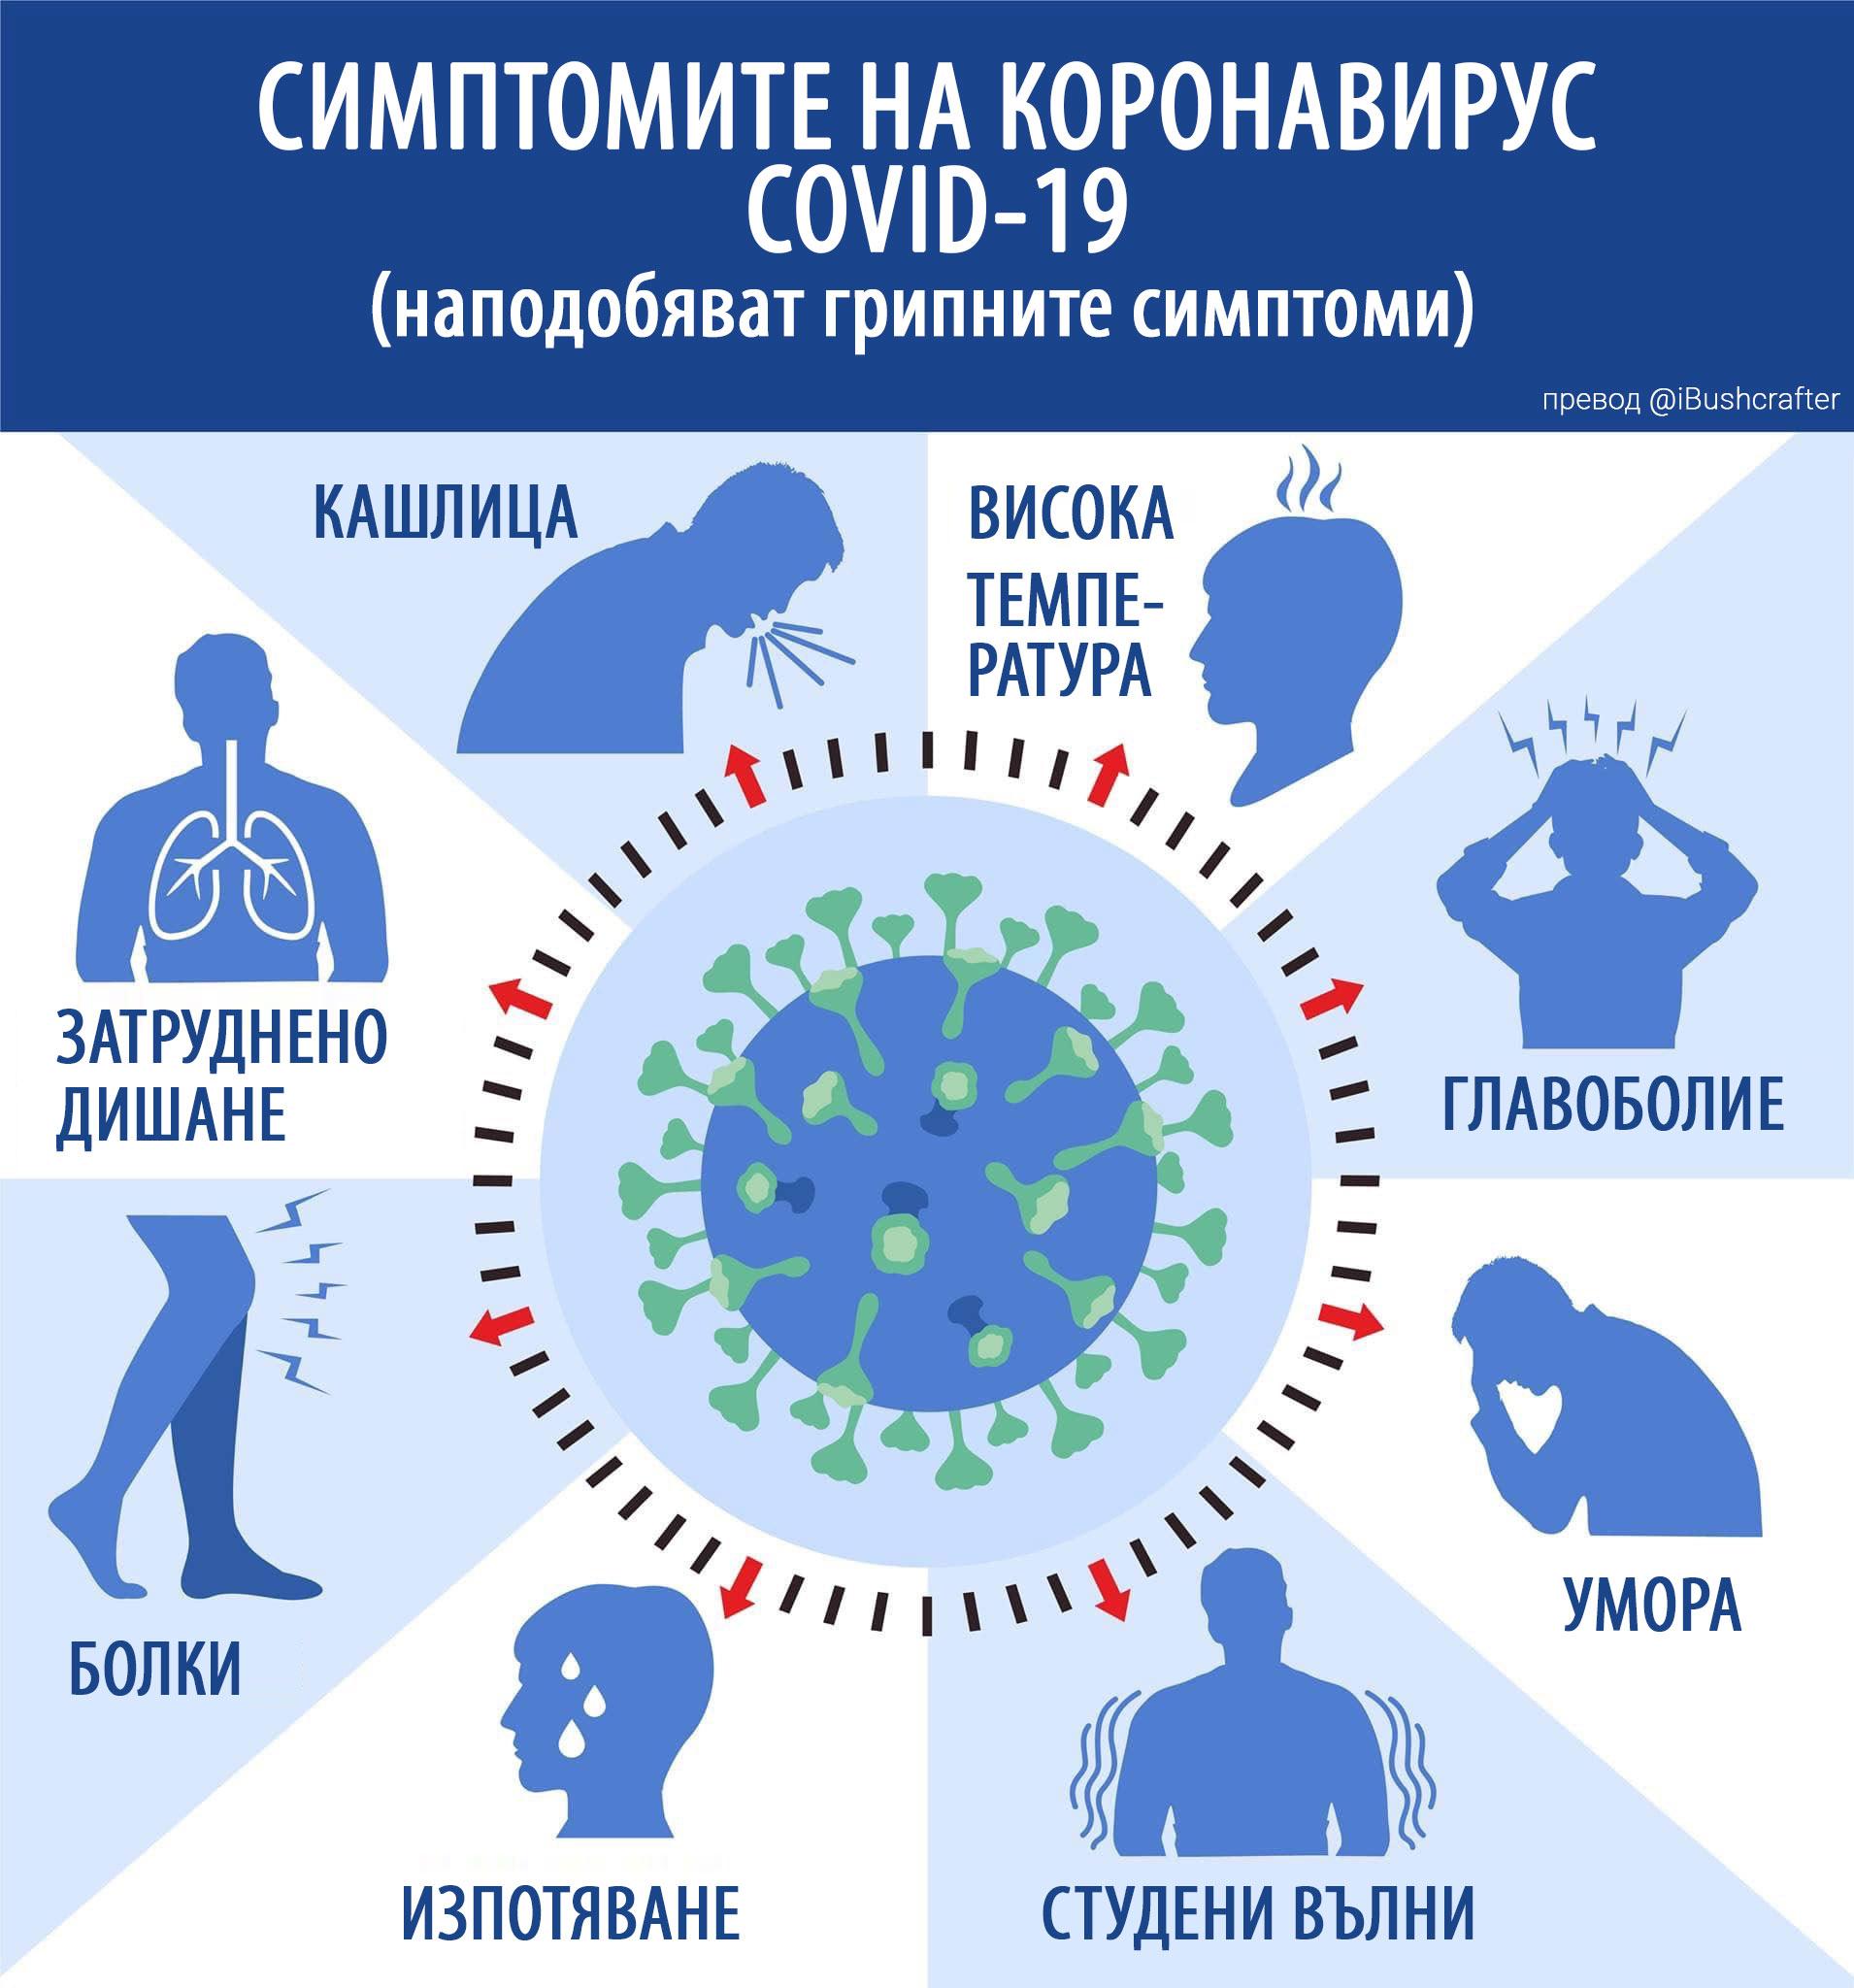 Coronavirus Simptomi